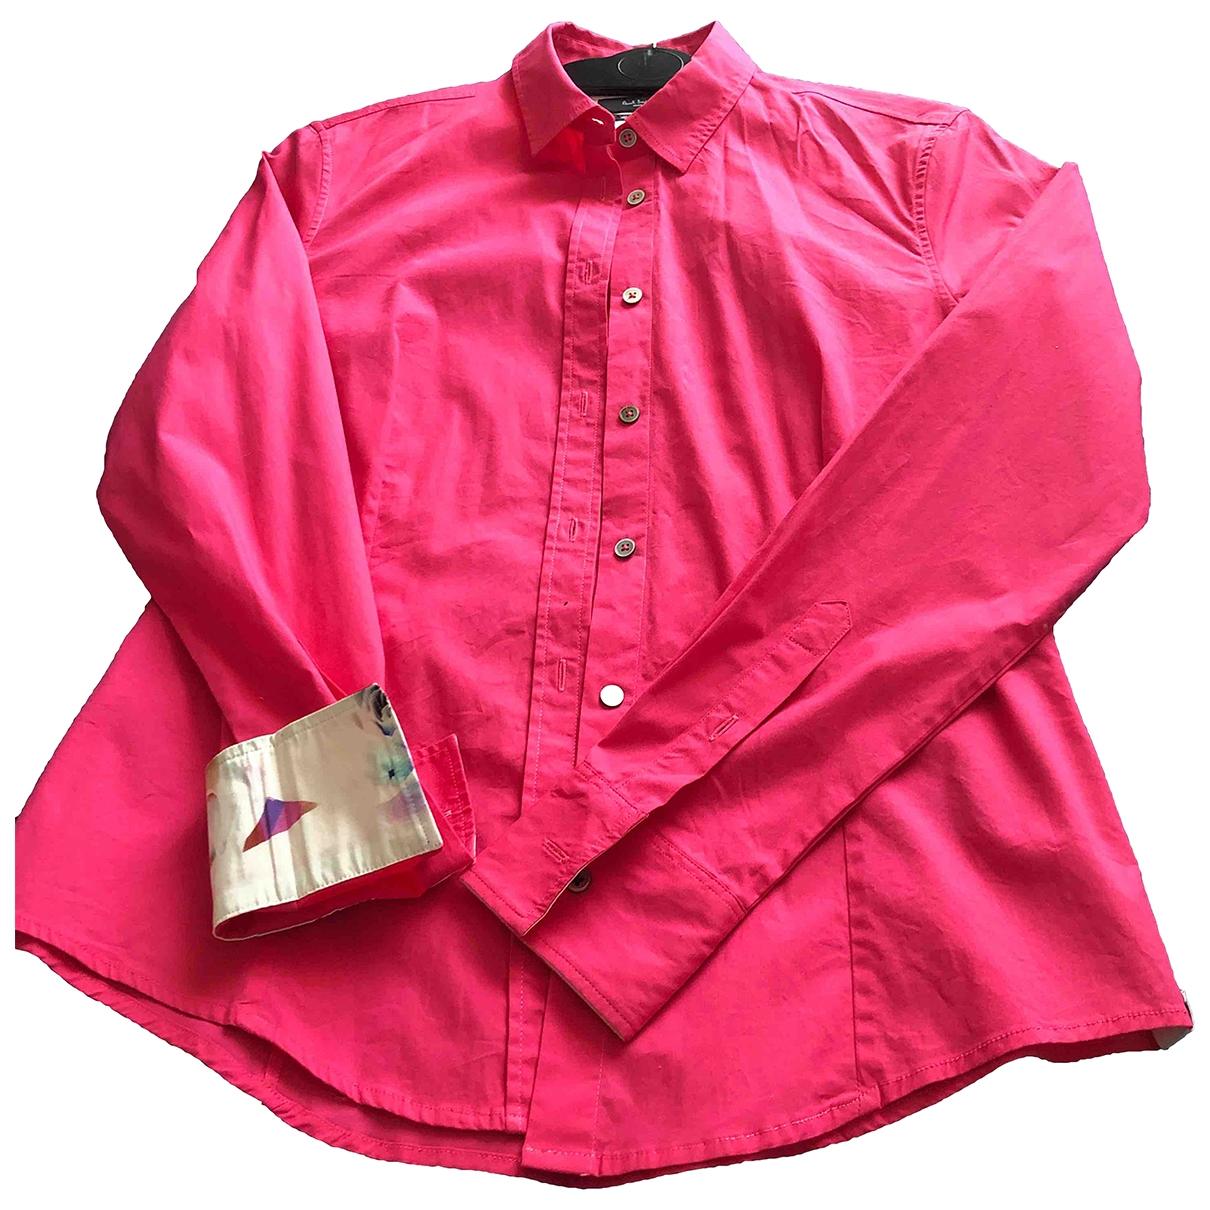 Paul Smith - Top   pour femme en coton - rose